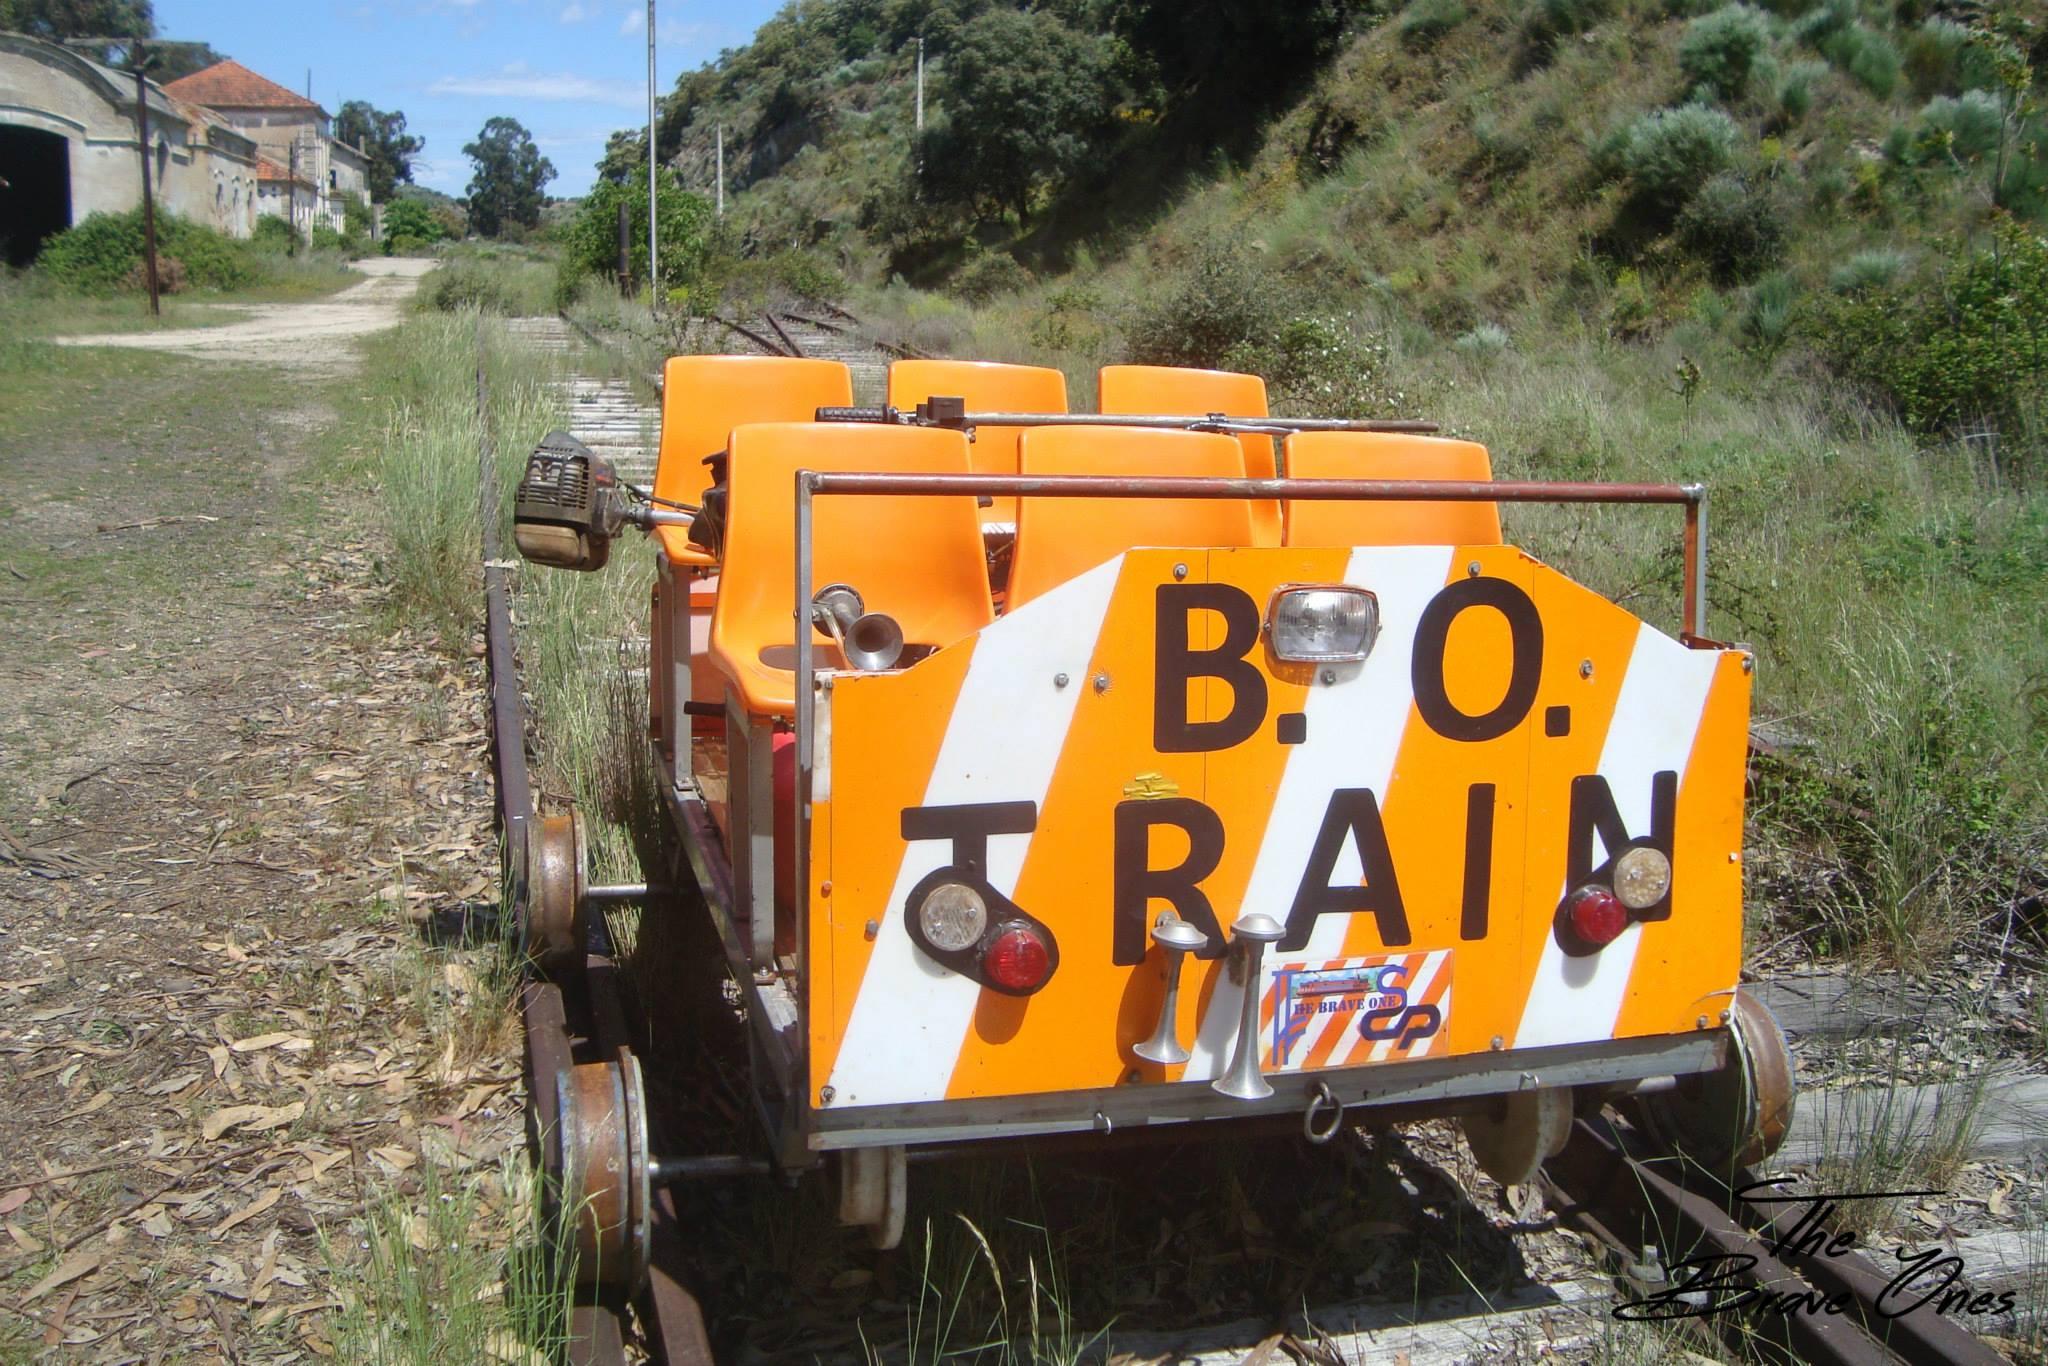 Voluntários mantém linha ferroviária entre o Pocinho e o Côa por amor aos comboios